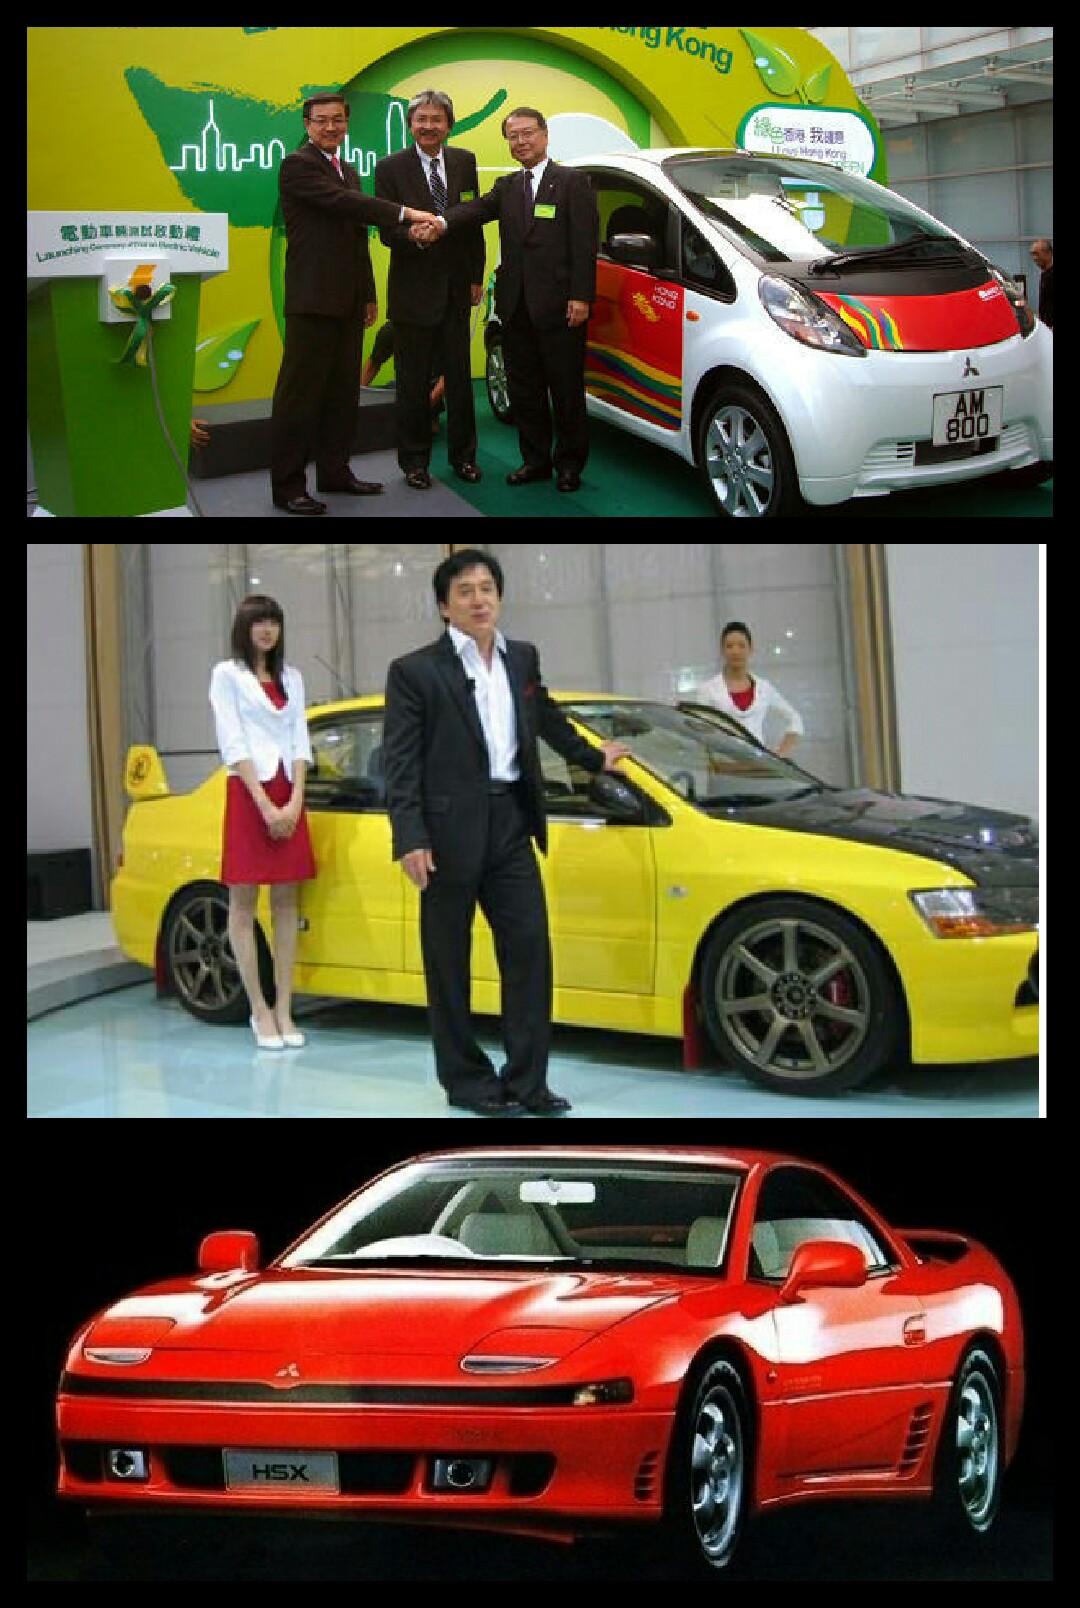 三菱自動車 香港